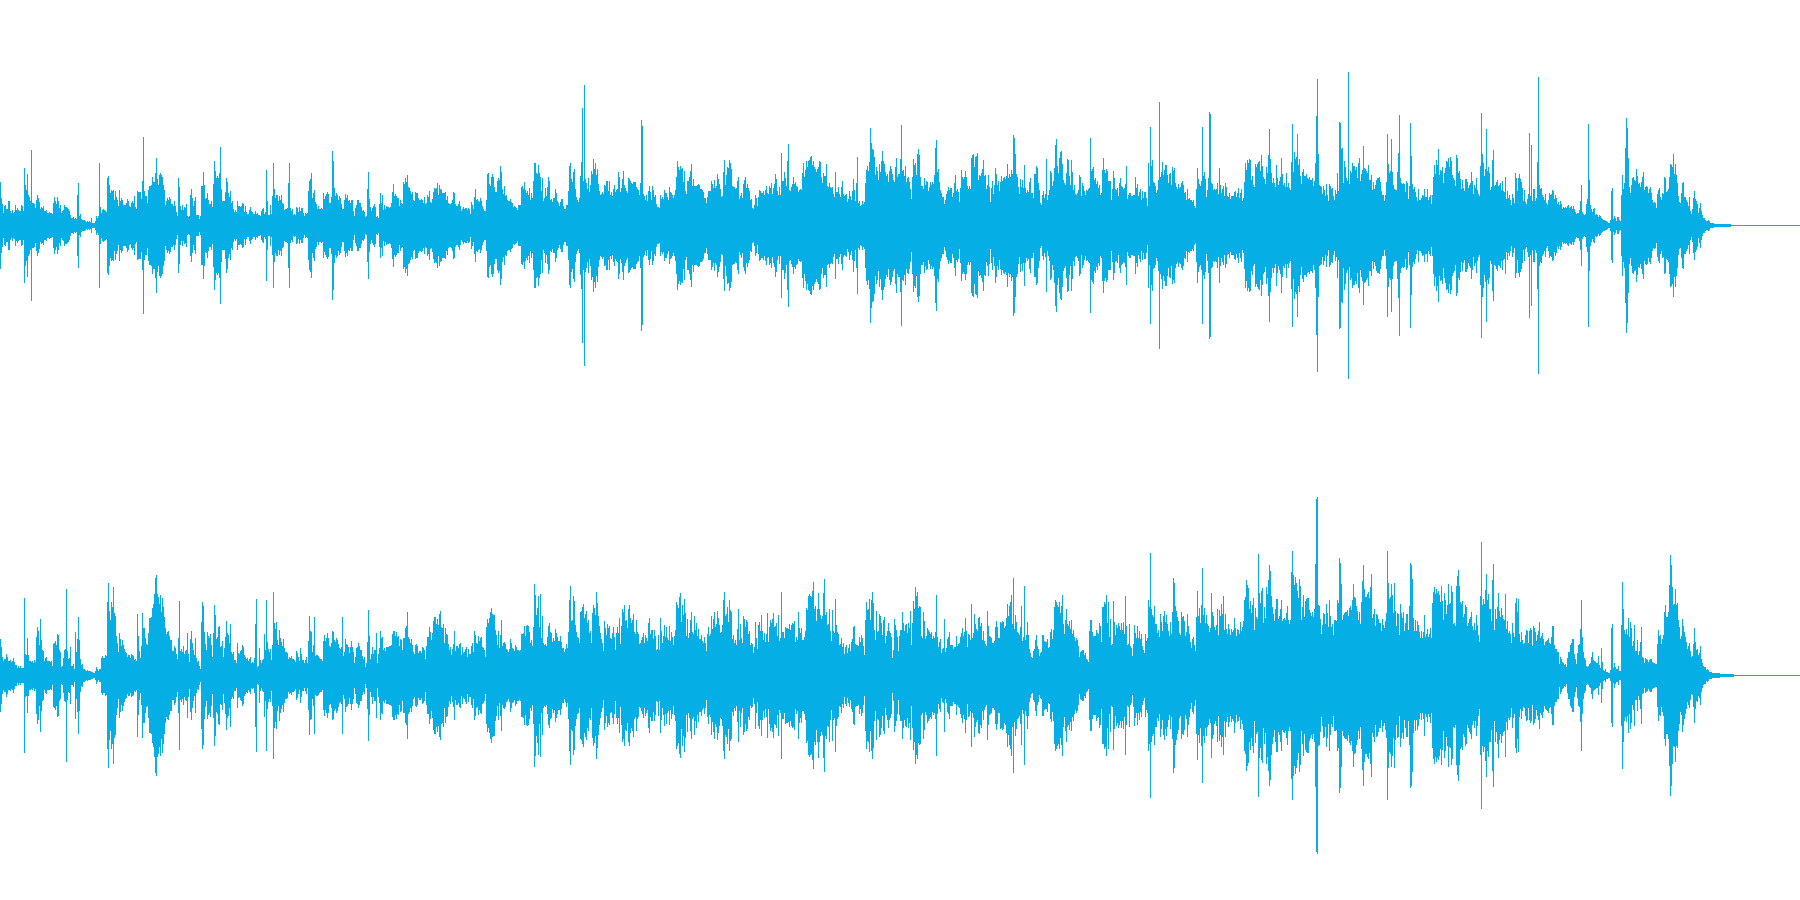 水、ノイズの音などで構成されたホラーB…の再生済みの波形